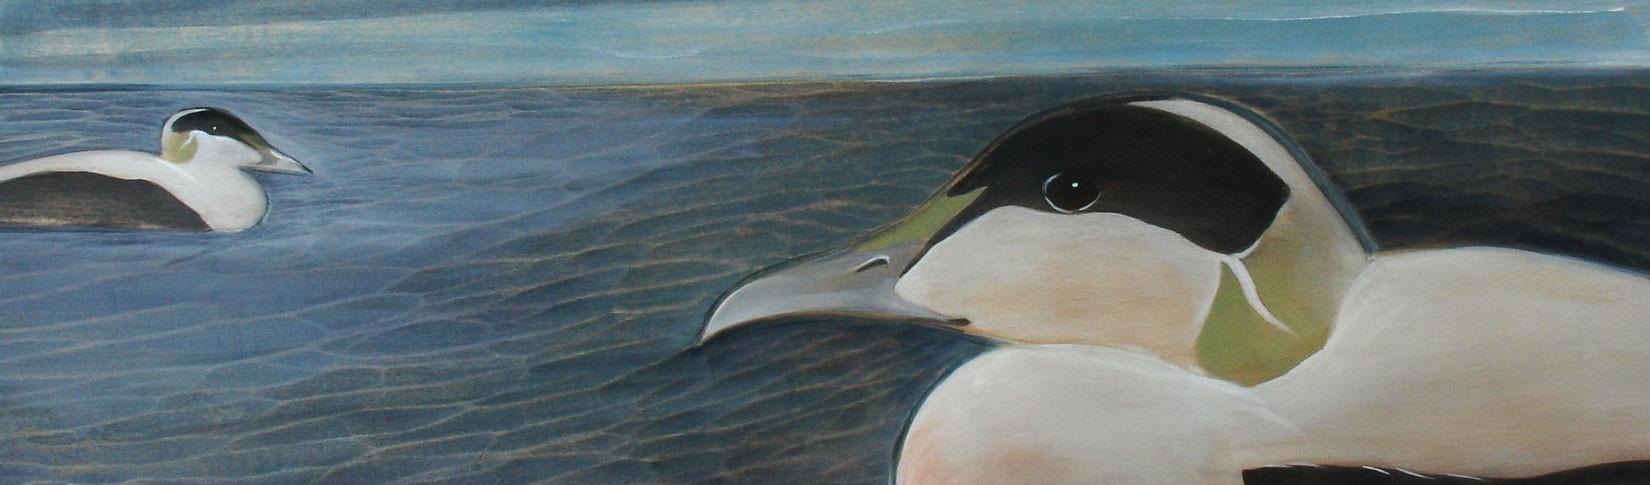 Kathryn O'Kell —Iceland Birds 2017